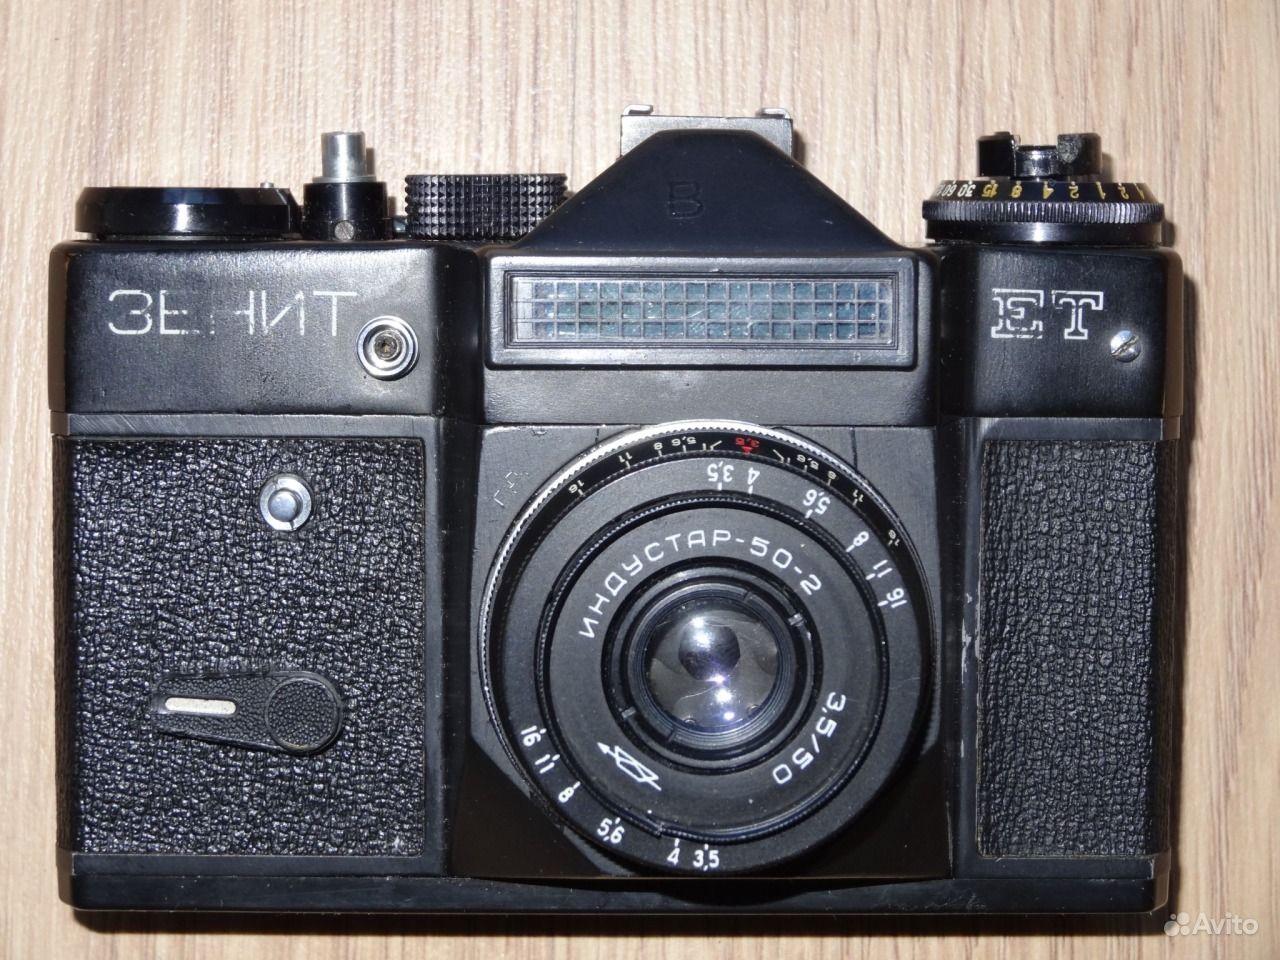 Какой фотоаппарат из зенитов лучше запомнился сразу